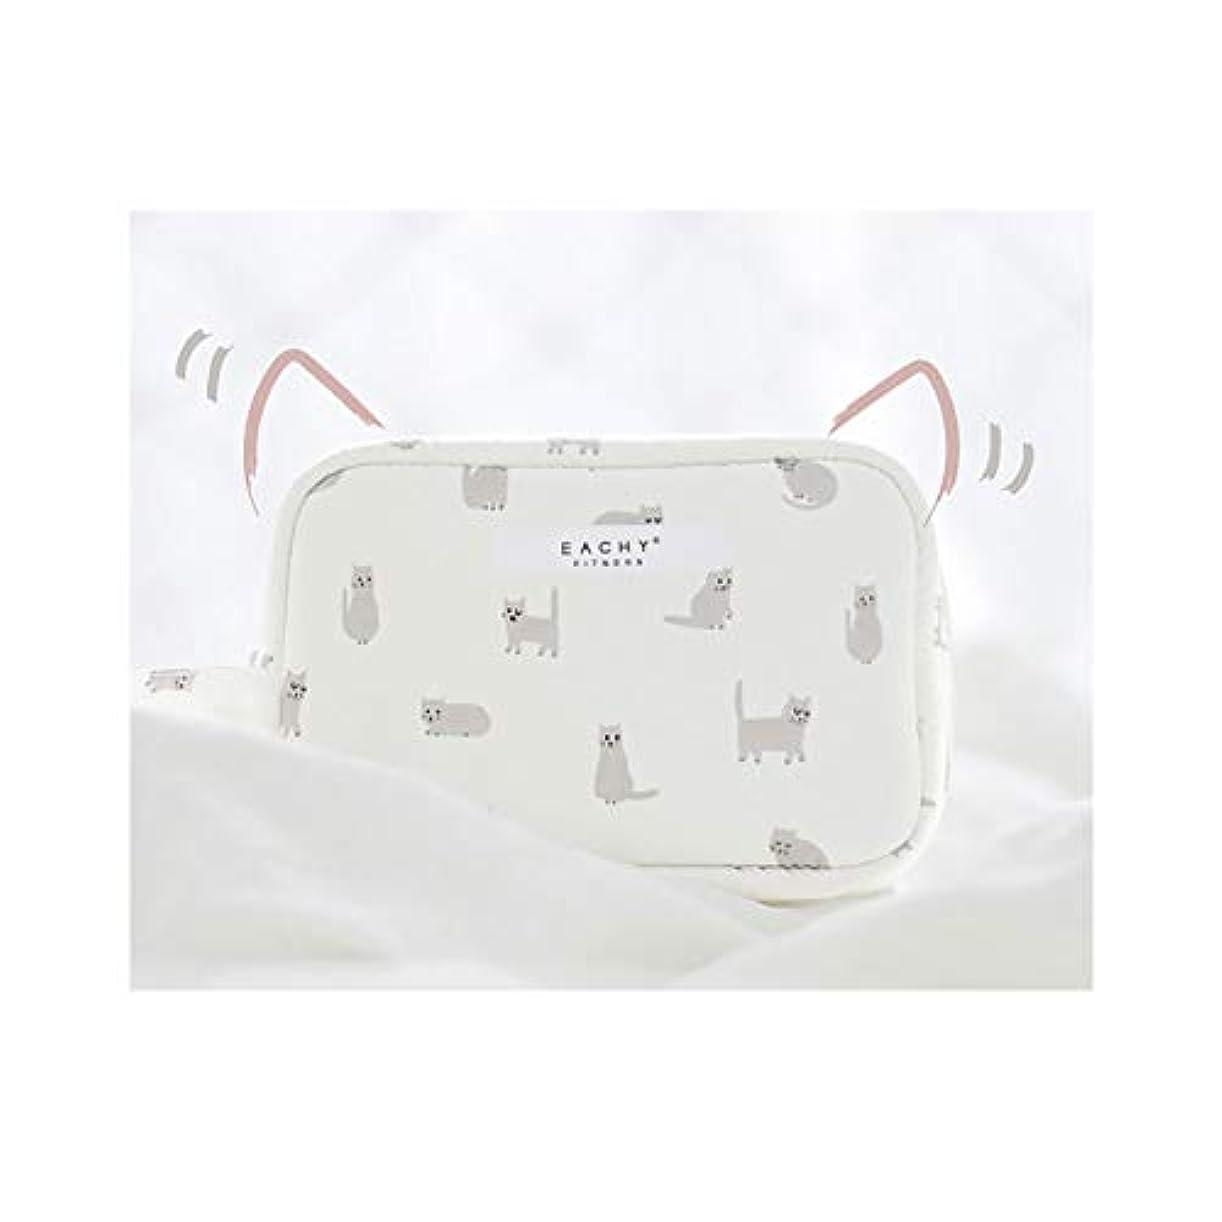 カジュアル植物学者送料NEOVIVA 化粧ポーチ コスメポーチ メイク収納バッグ かわいい 軽量 防水 旅行小物ポーチ 猫 ホワイト S